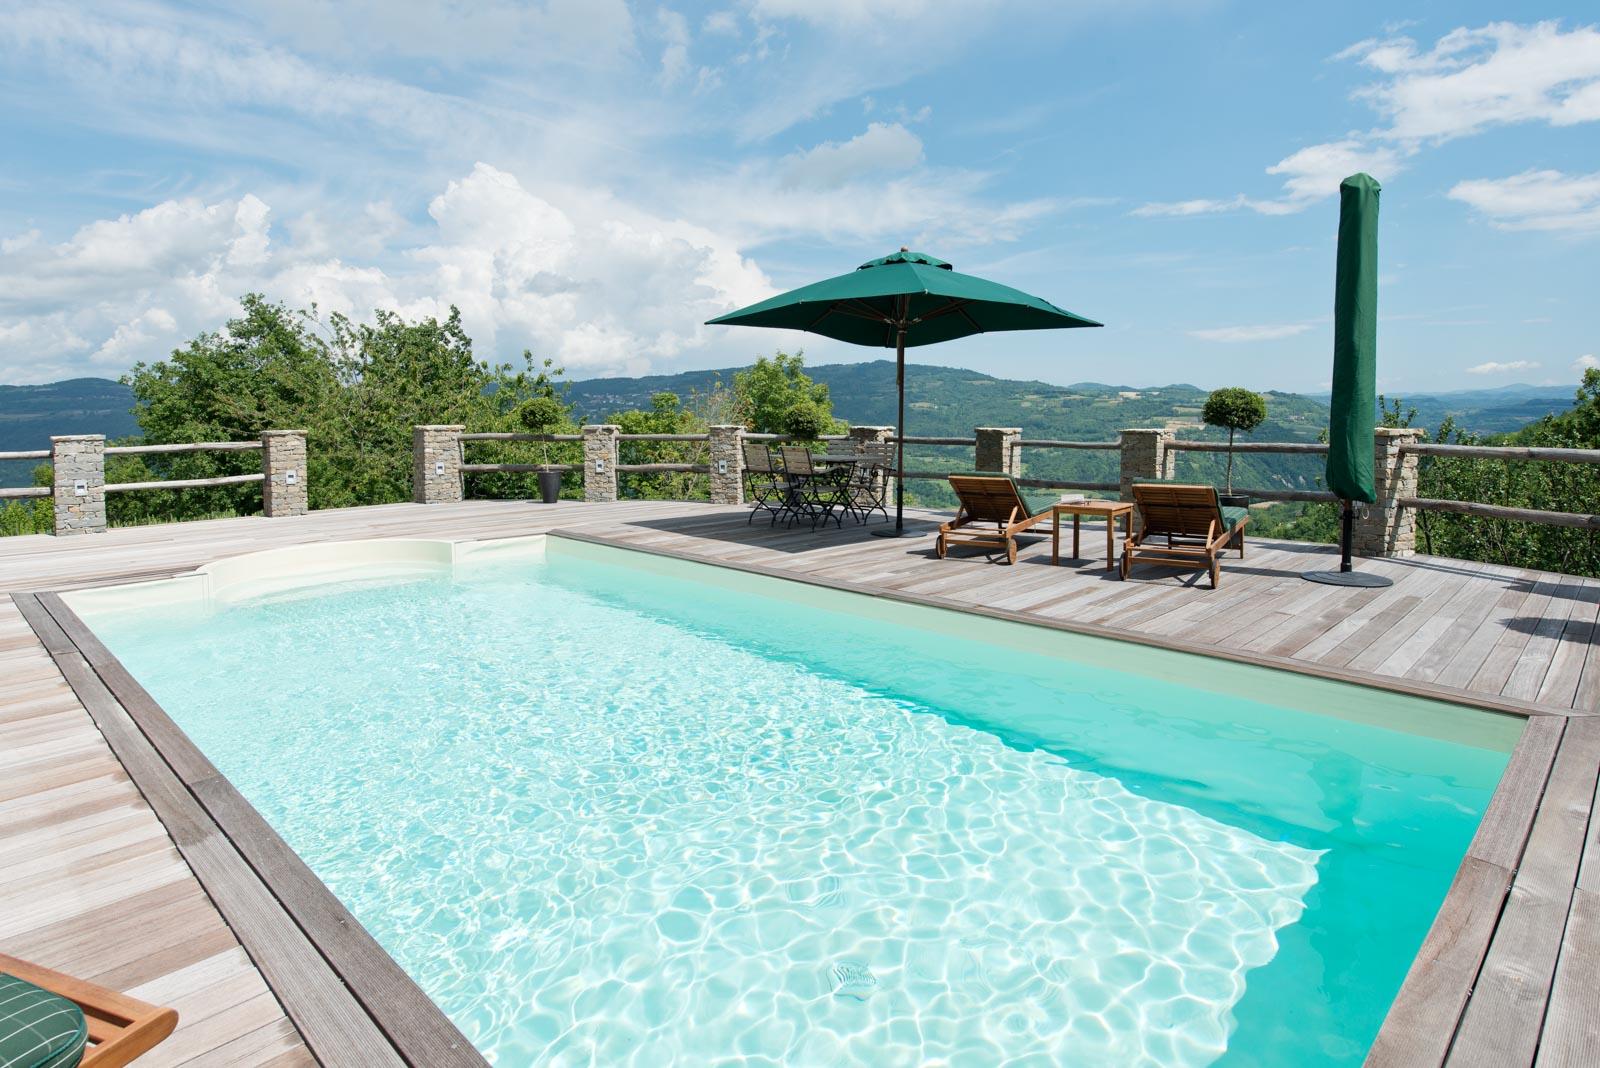 landhaus kaufen verkaufen in italien piemont cuneo mombarcaro traumhaftes landhaus mit. Black Bedroom Furniture Sets. Home Design Ideas